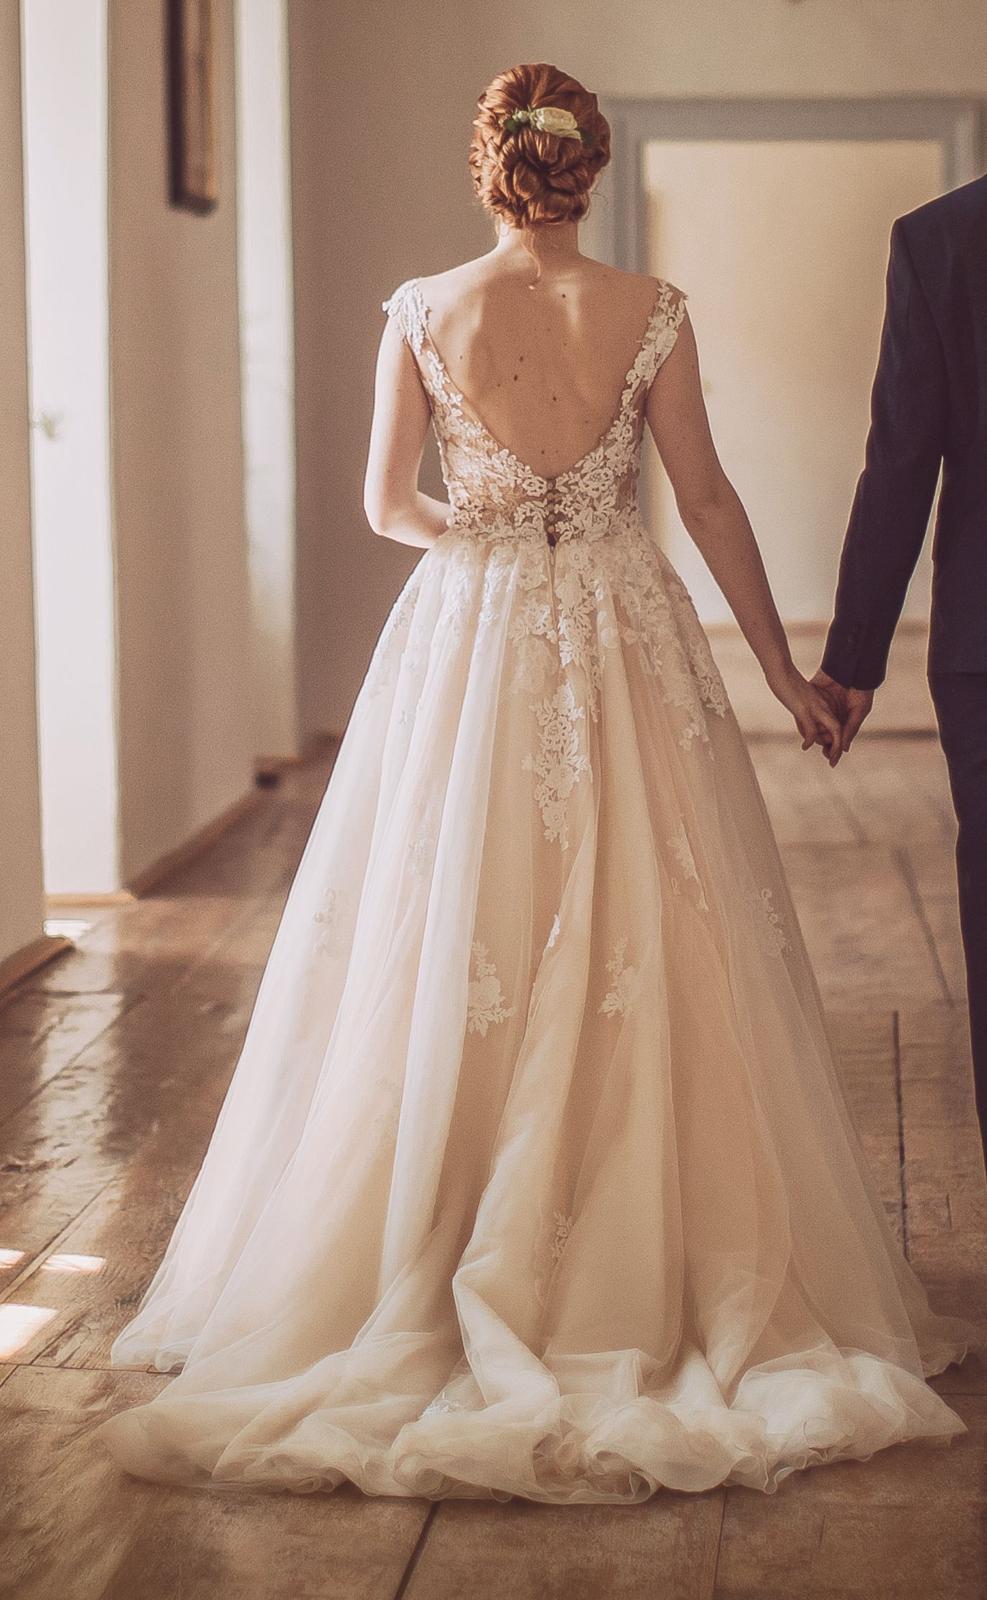 Svatební šaty zn. Pronovias - model Ofelia - Obrázek č. 2